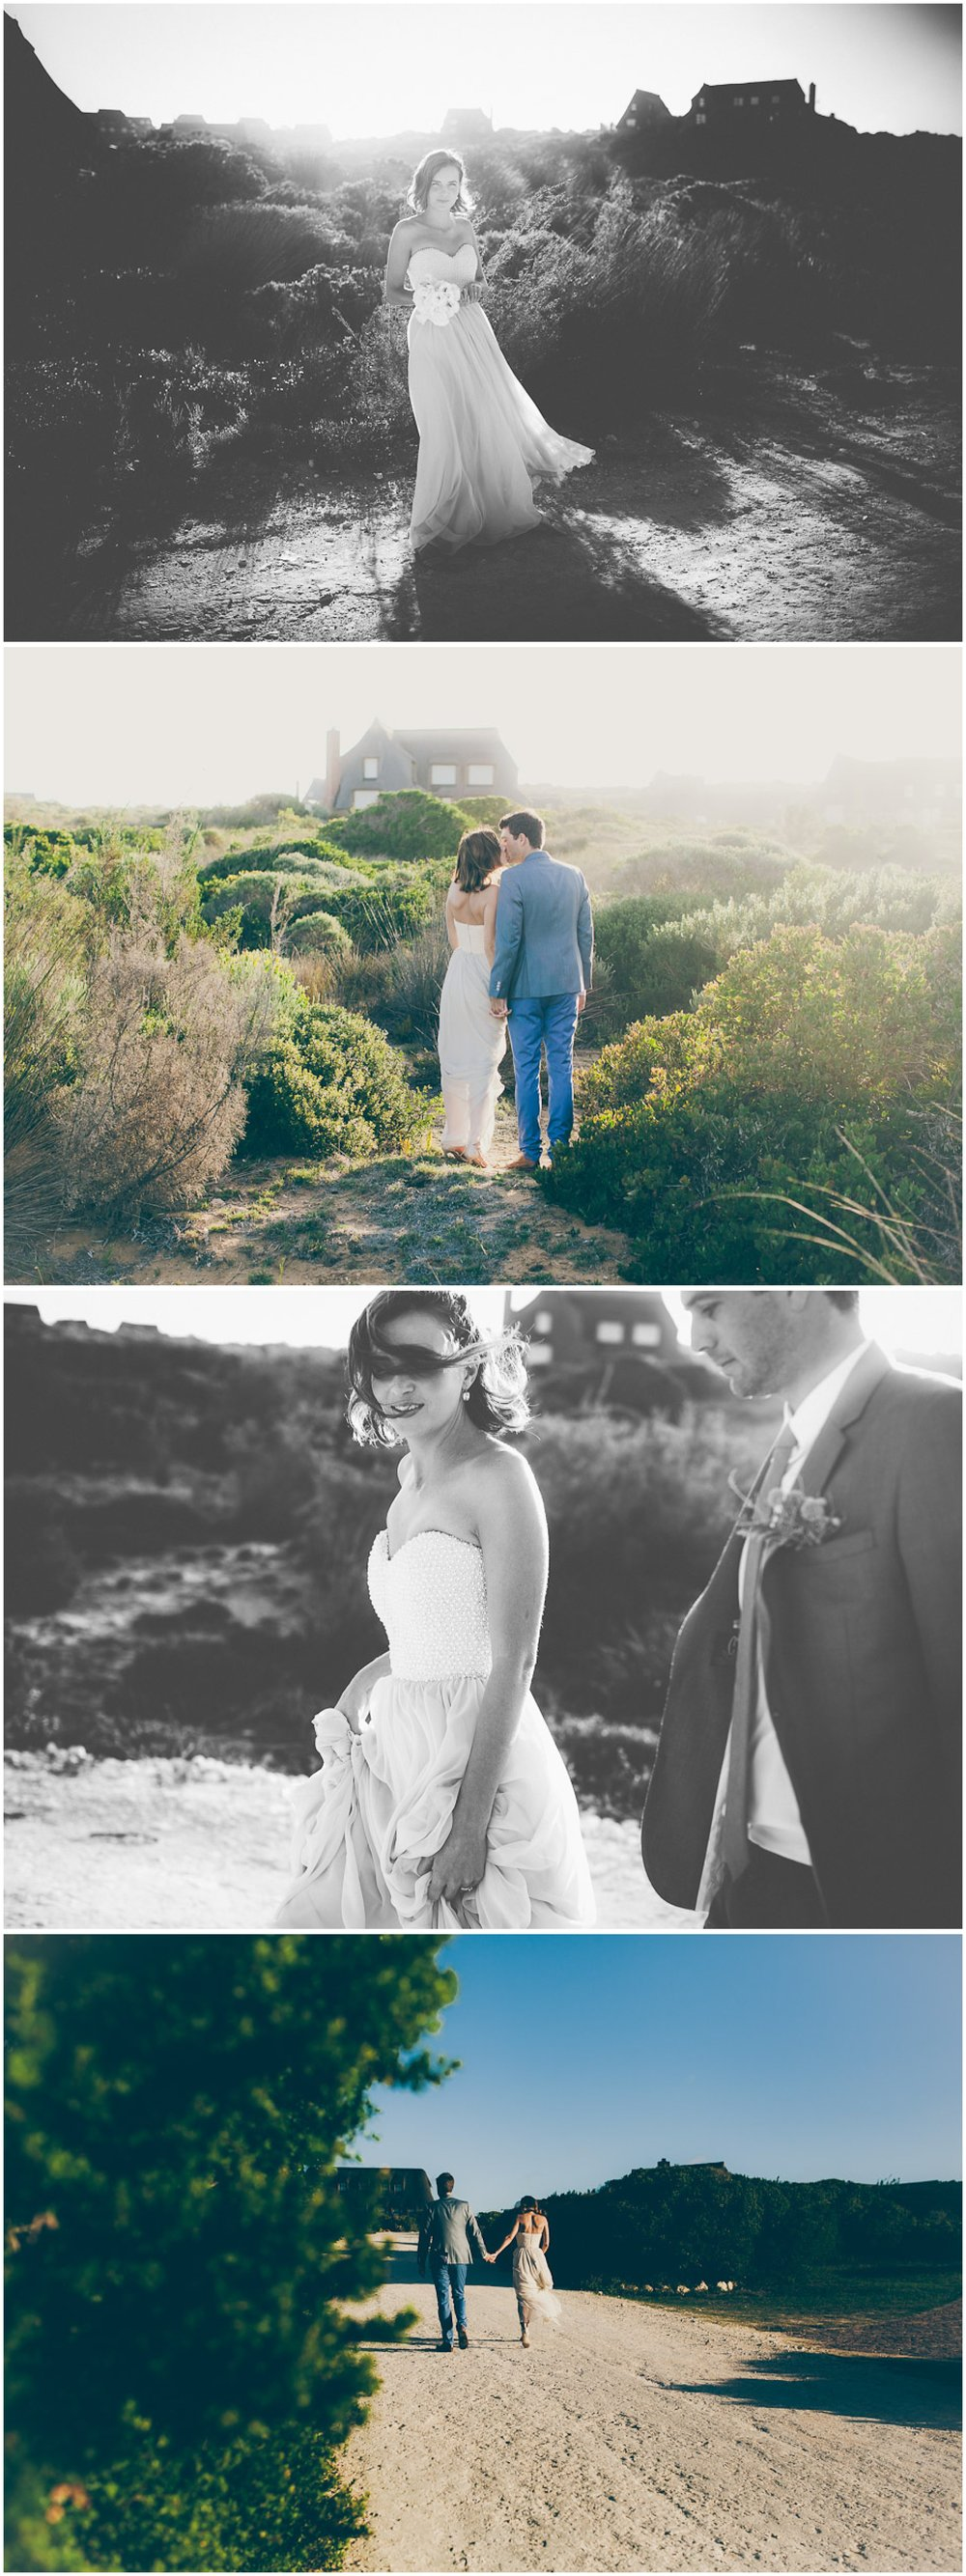 Matt&LaurenTaylor_FionaClair-157.jpg